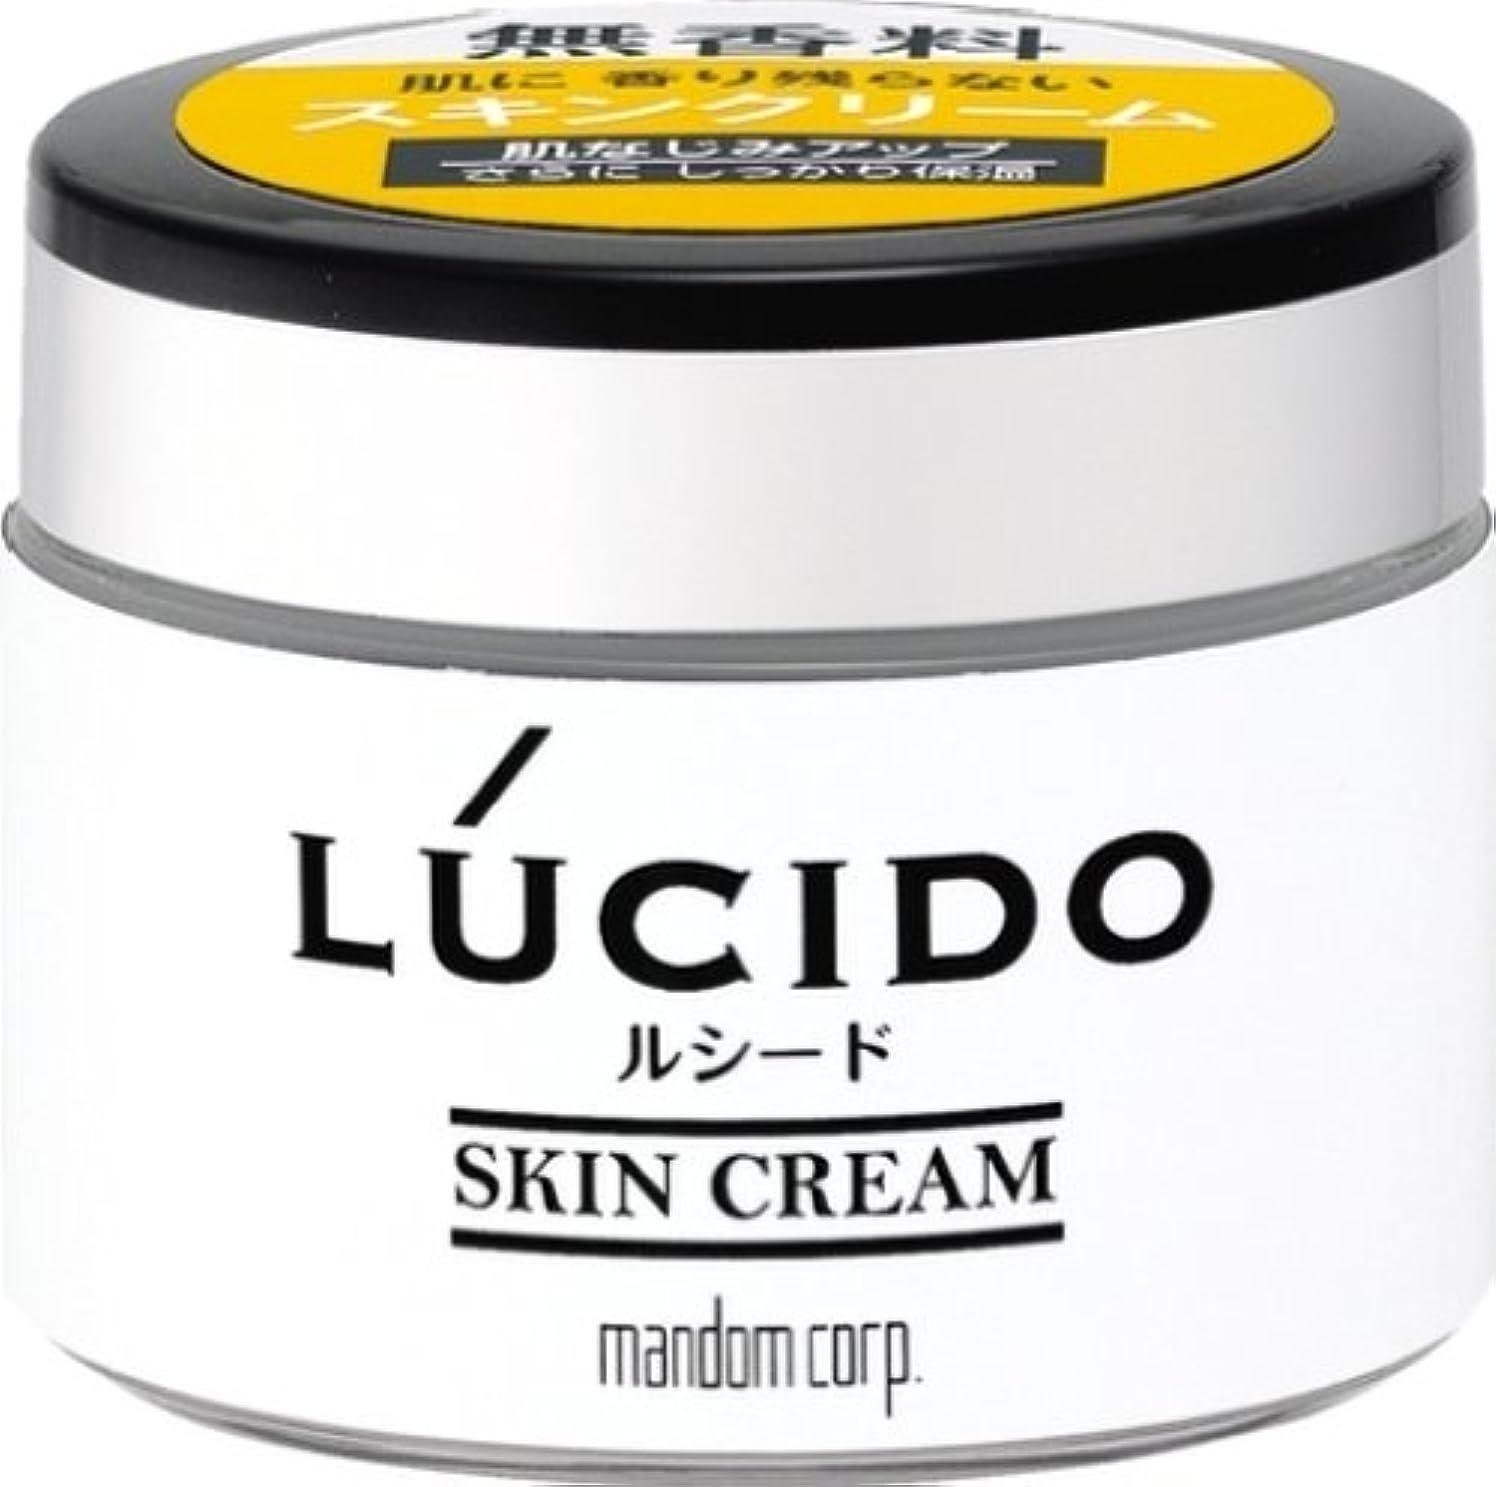 量泥だらけ咲くLUCIDO(ルシード) スキンクリーム 48g